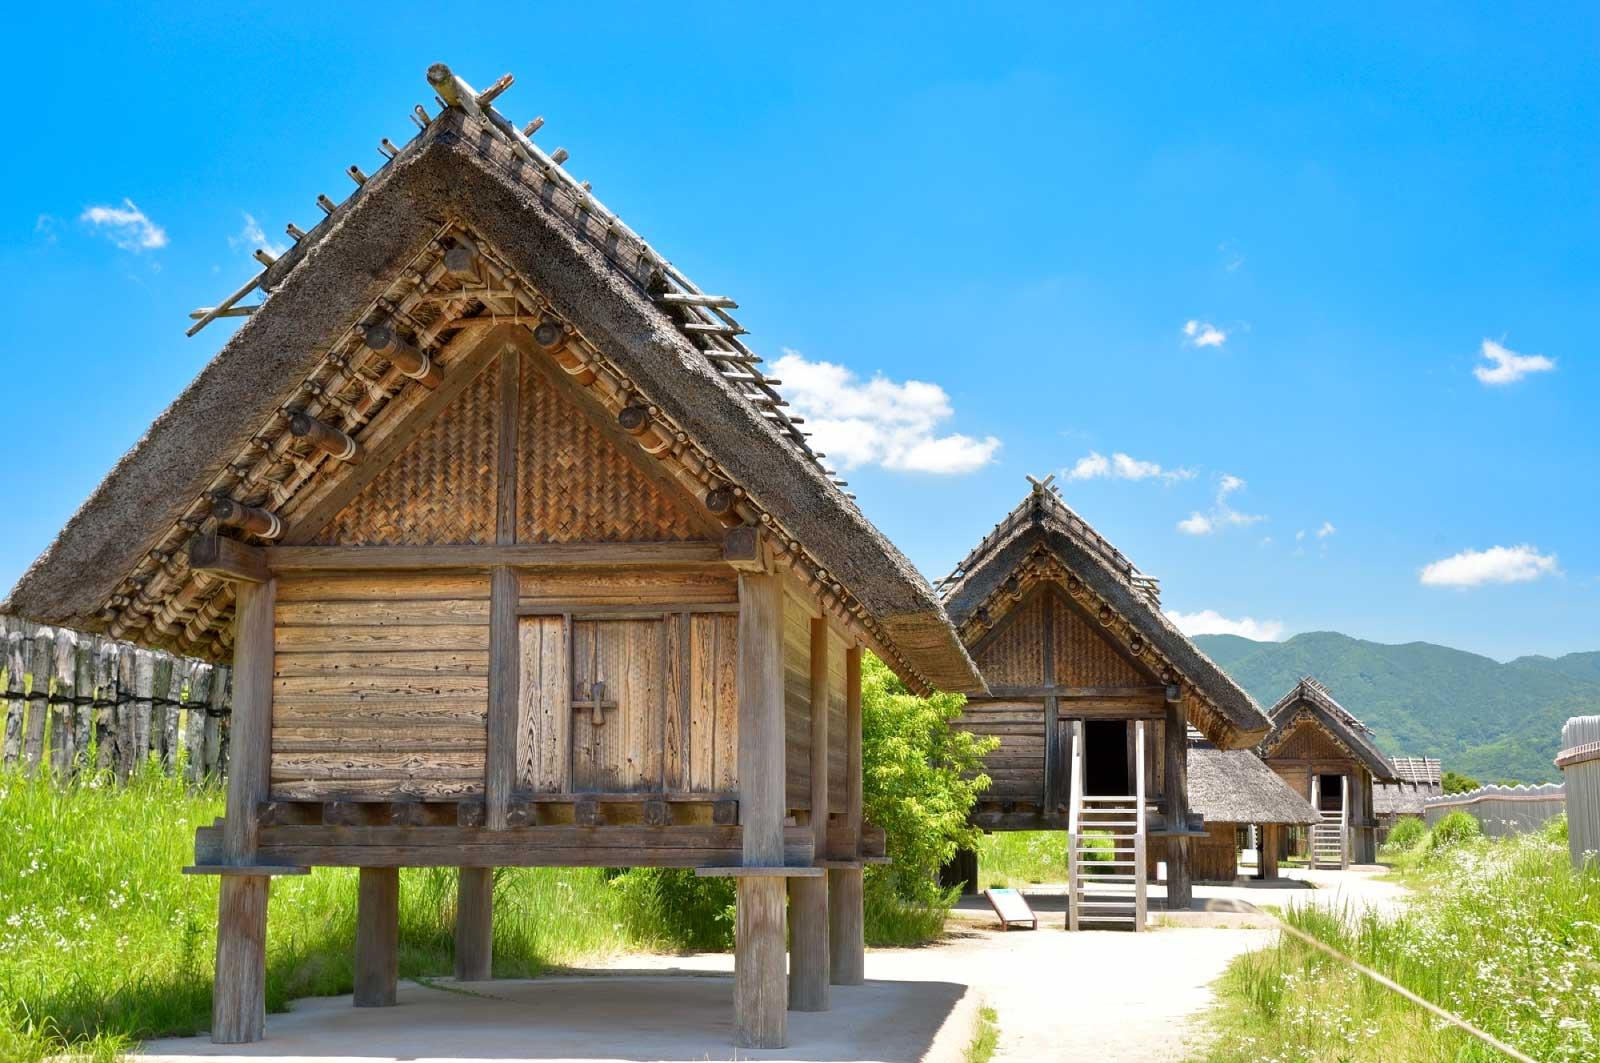 吉野ヶ里遺跡 高床式倉庫